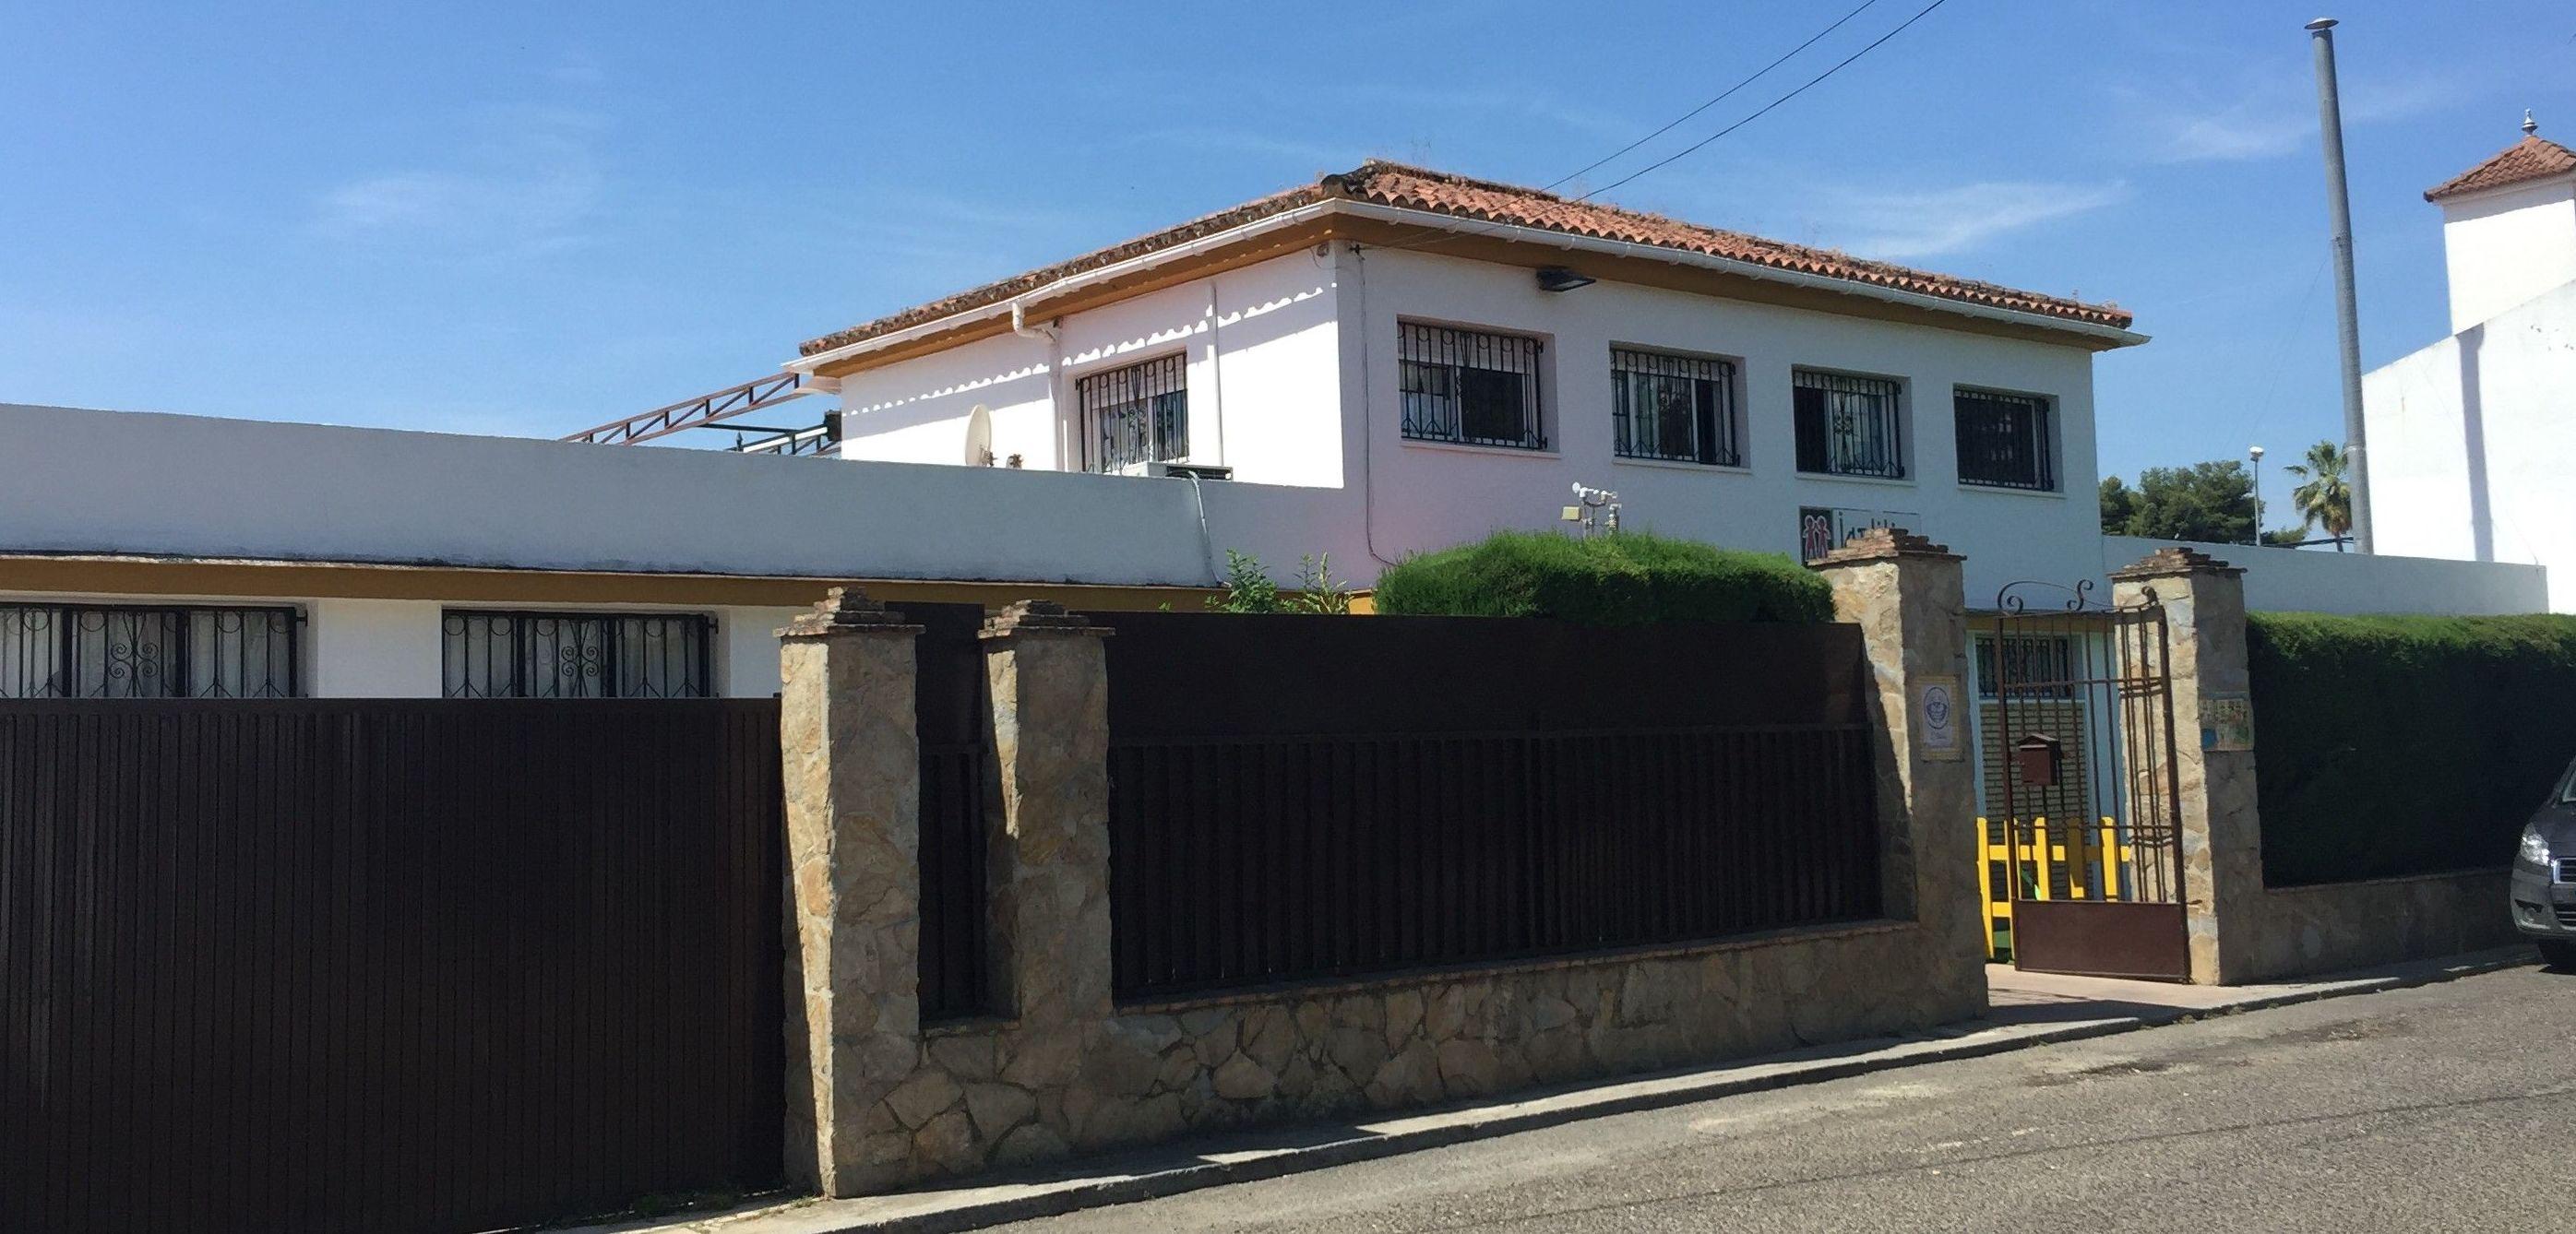 Foto 2 de Guarderías y Escuelas infantiles en Córdoba | Escuela Infantil El Nido